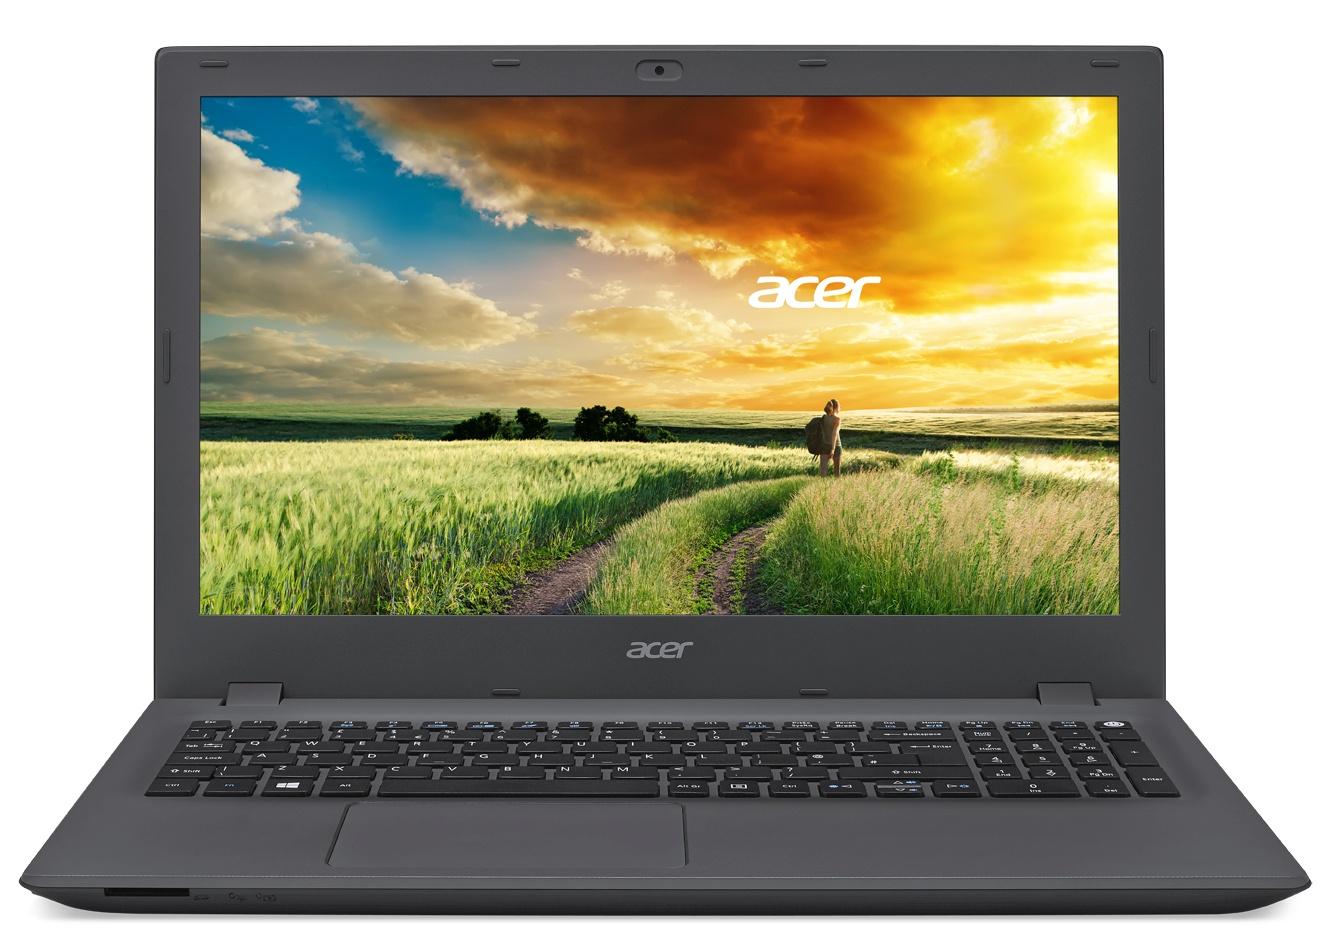 Obrázok produktu Acer Aspire E 15 15, 6/ i5-5200U/ 8G/ 1TB/ NV/ DVD/ W10 šedá